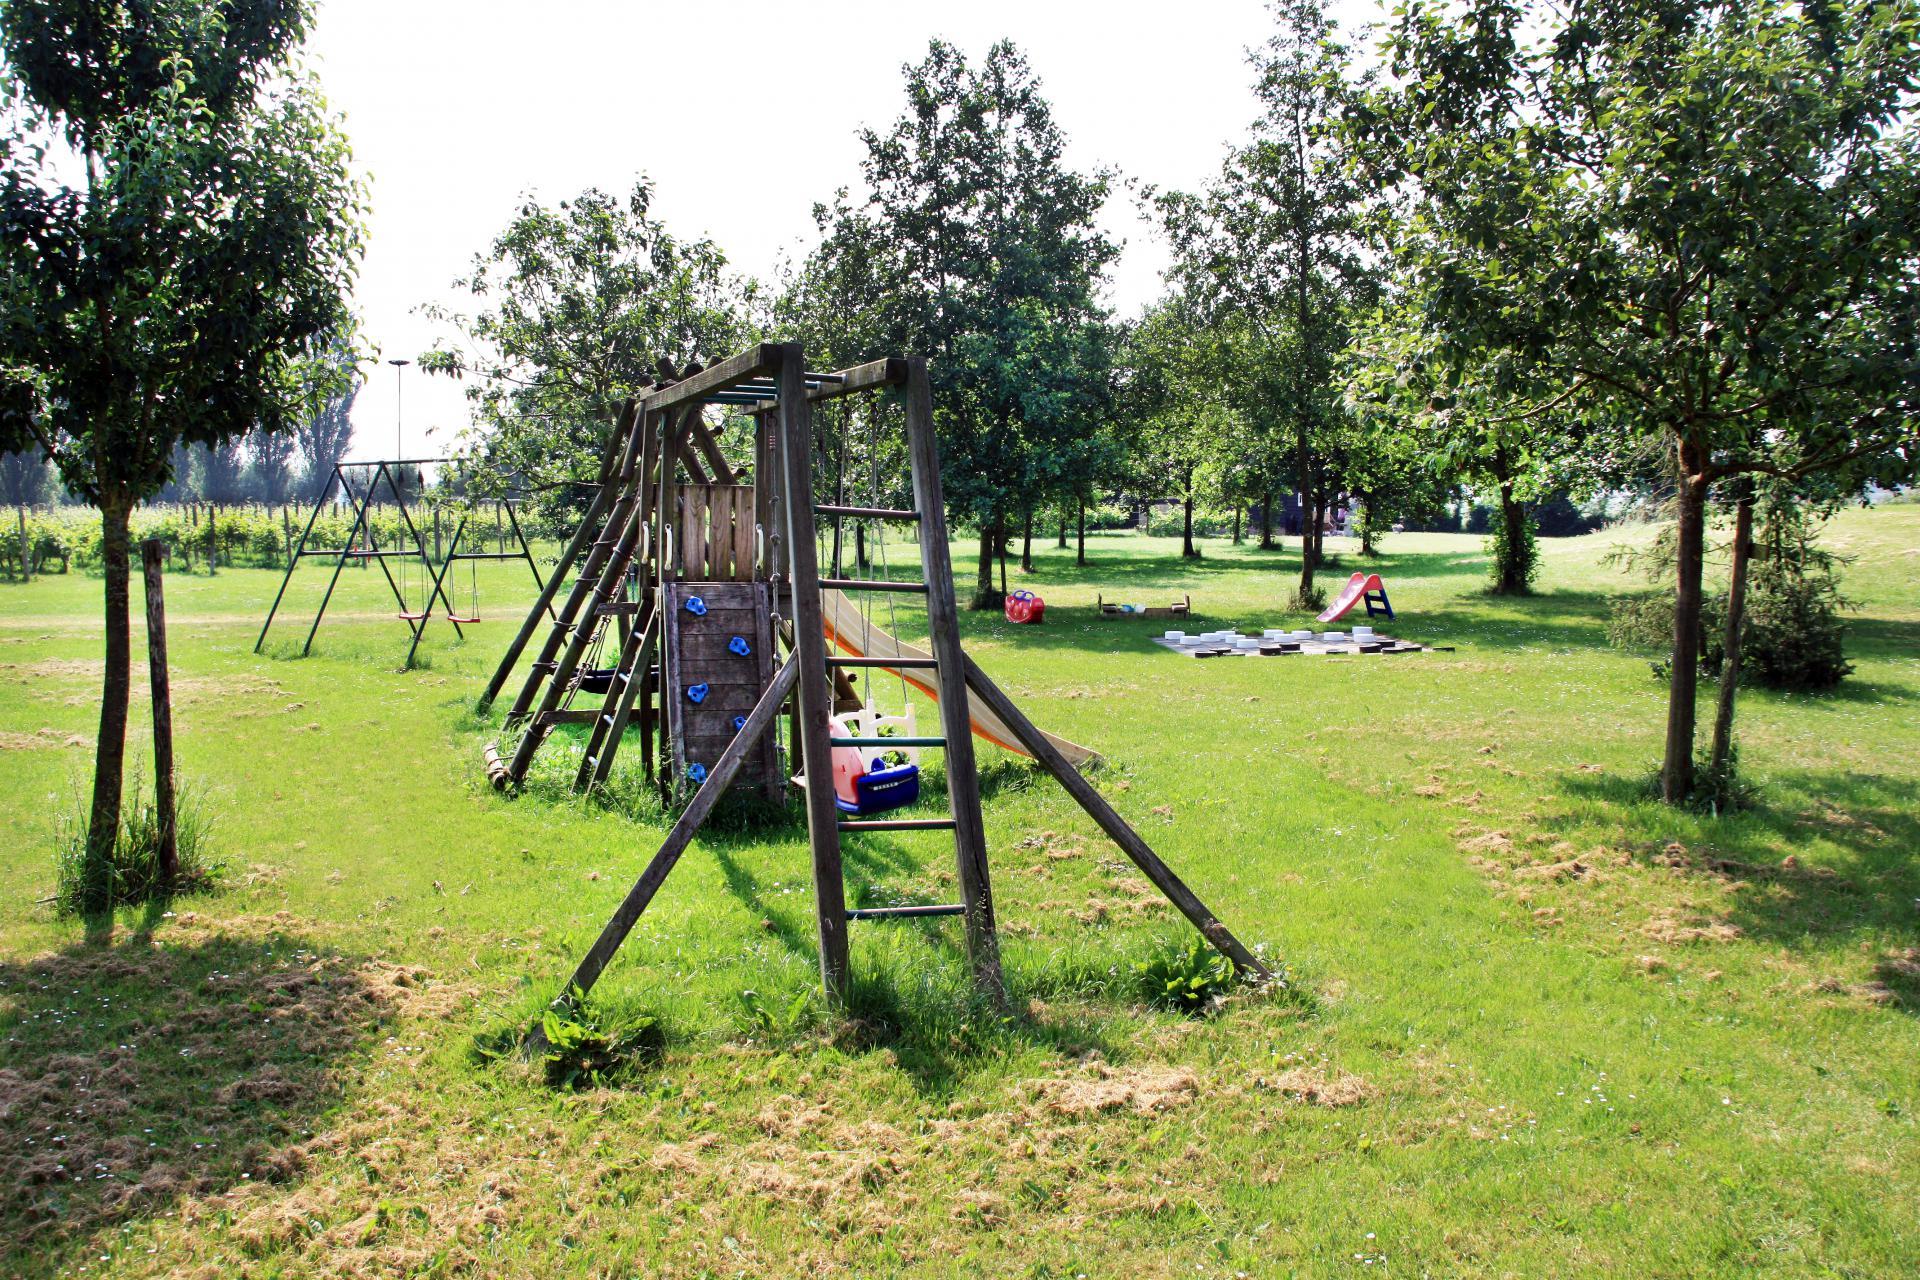 Speeltoestellen camping, Veluwe, Gelderland, natuurcamping, natuur, rust, ruimte, boeren camping, terwolde